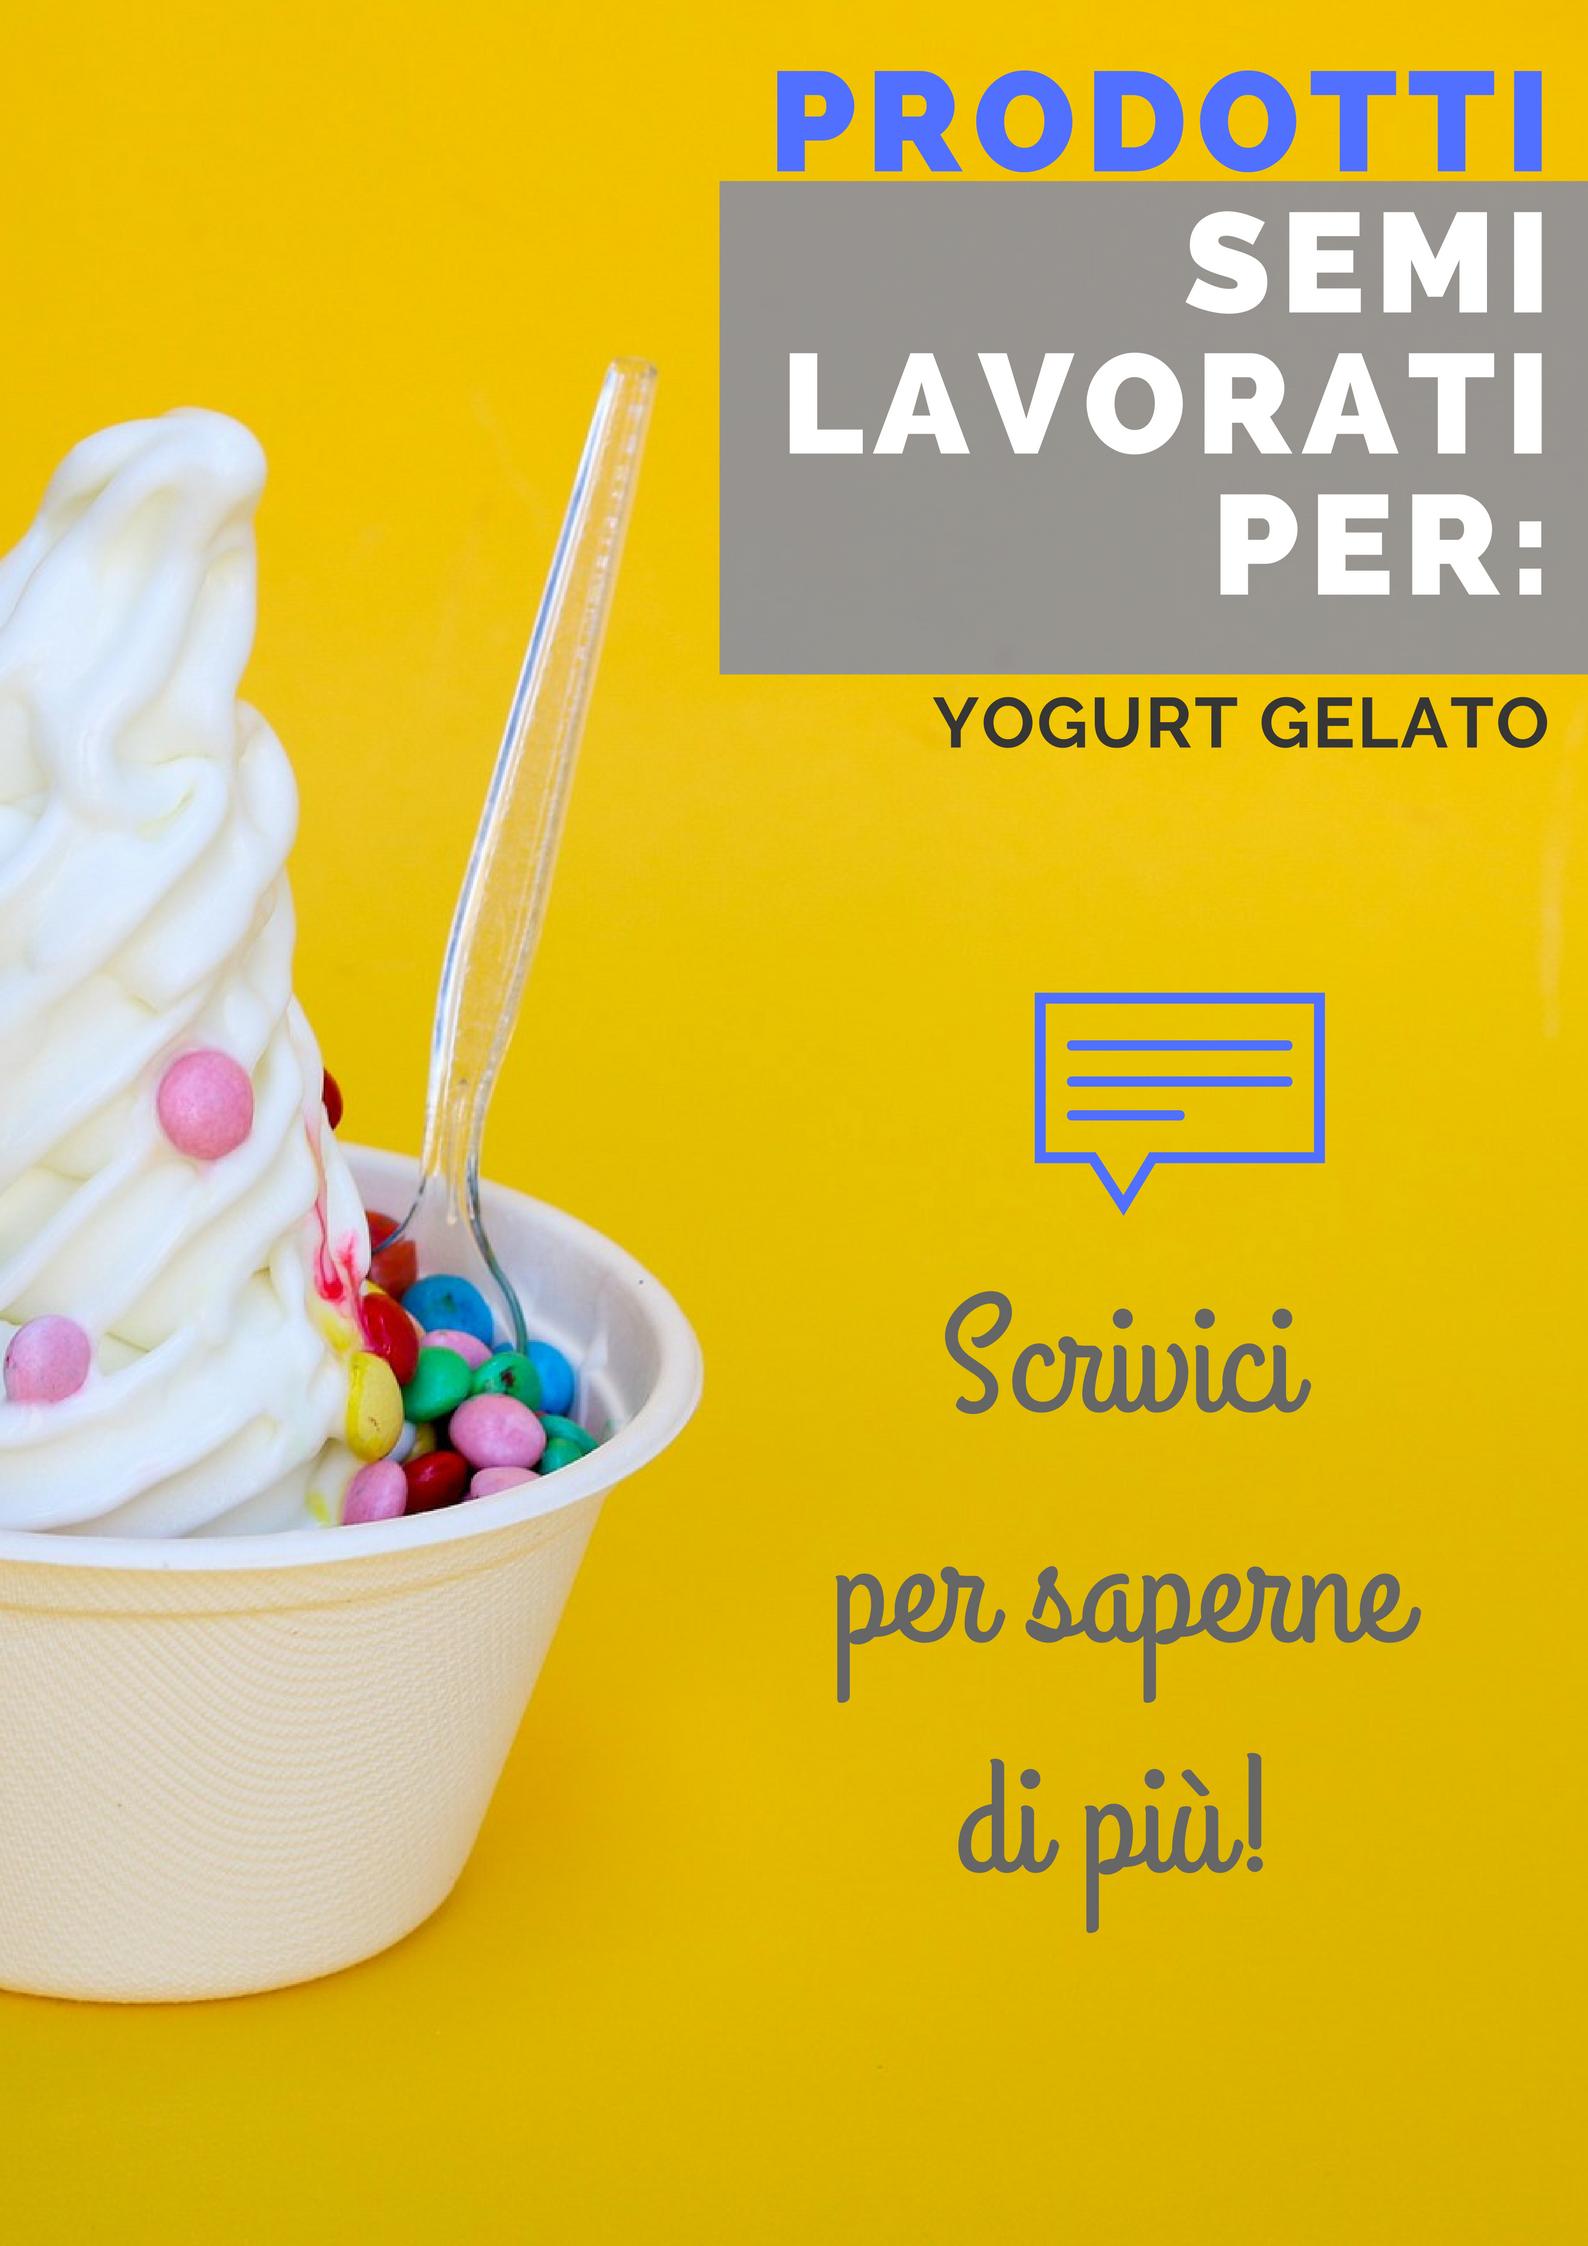 Semilavorato-Gelato di Yogurt (2)